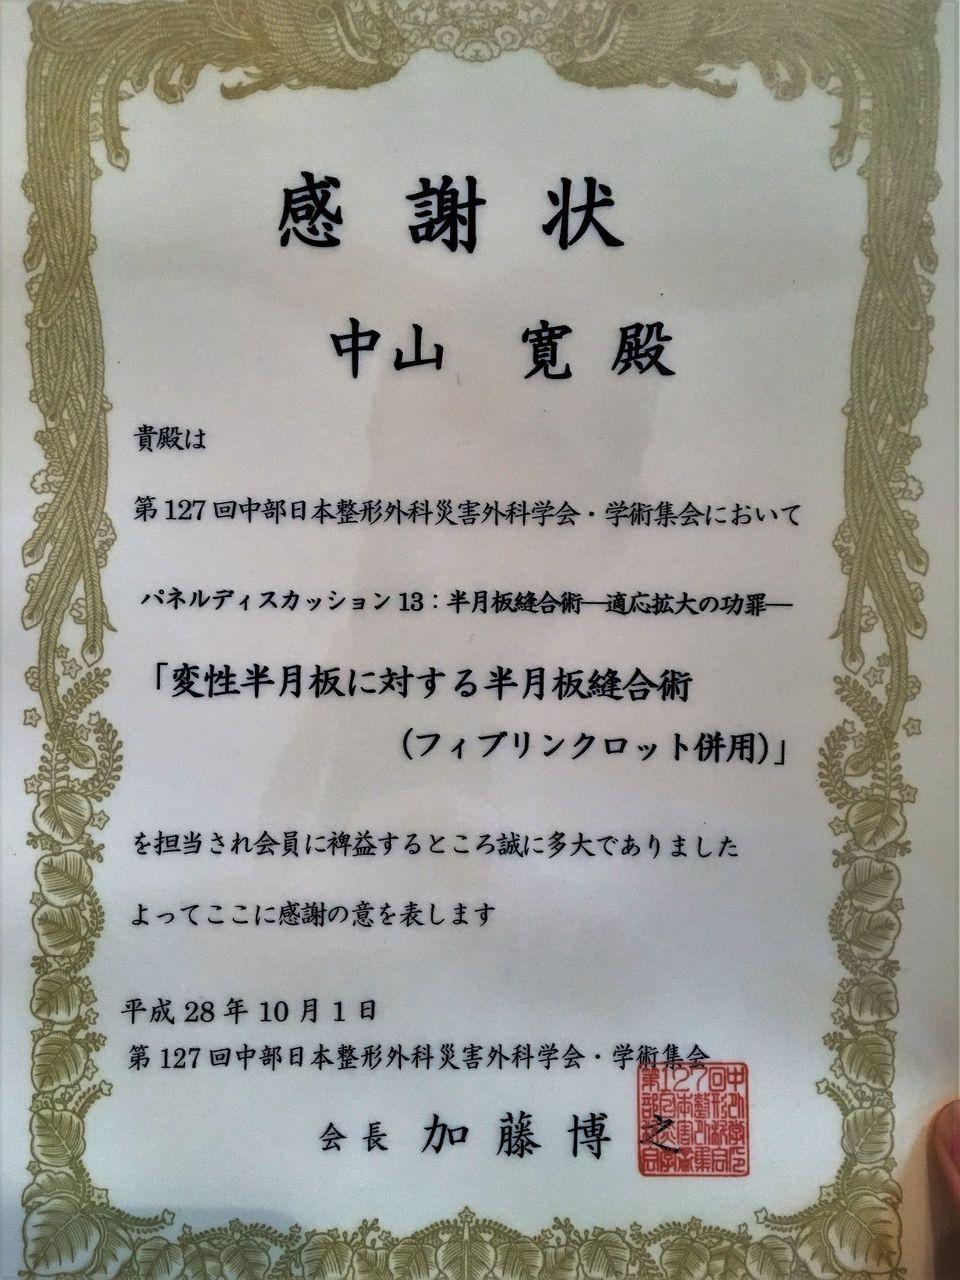 中部 日本 整形 外科 災害 外科 学会